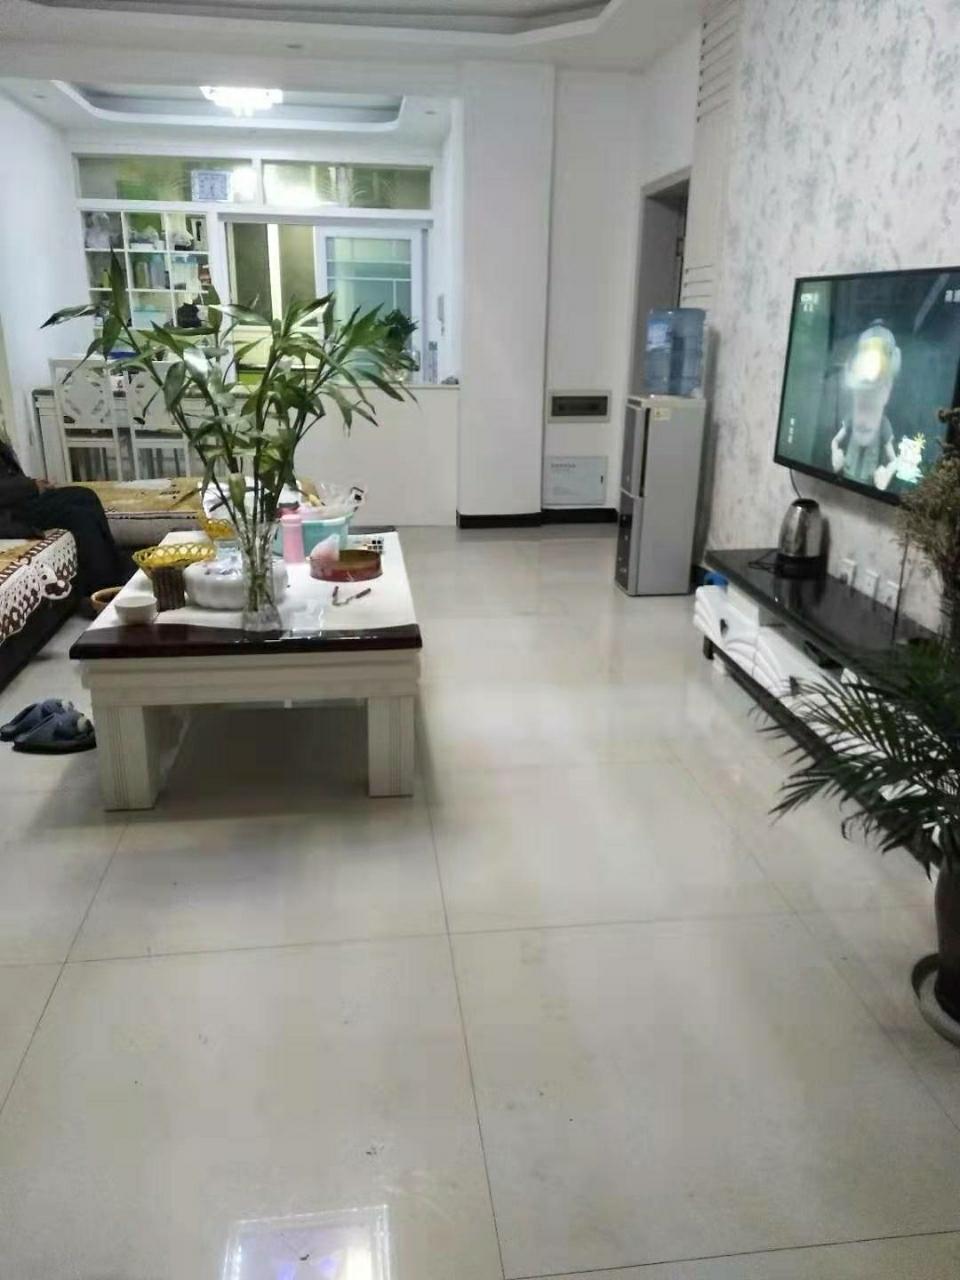 东湖上城精装4室 首付低 带大花园 售价64.8万元